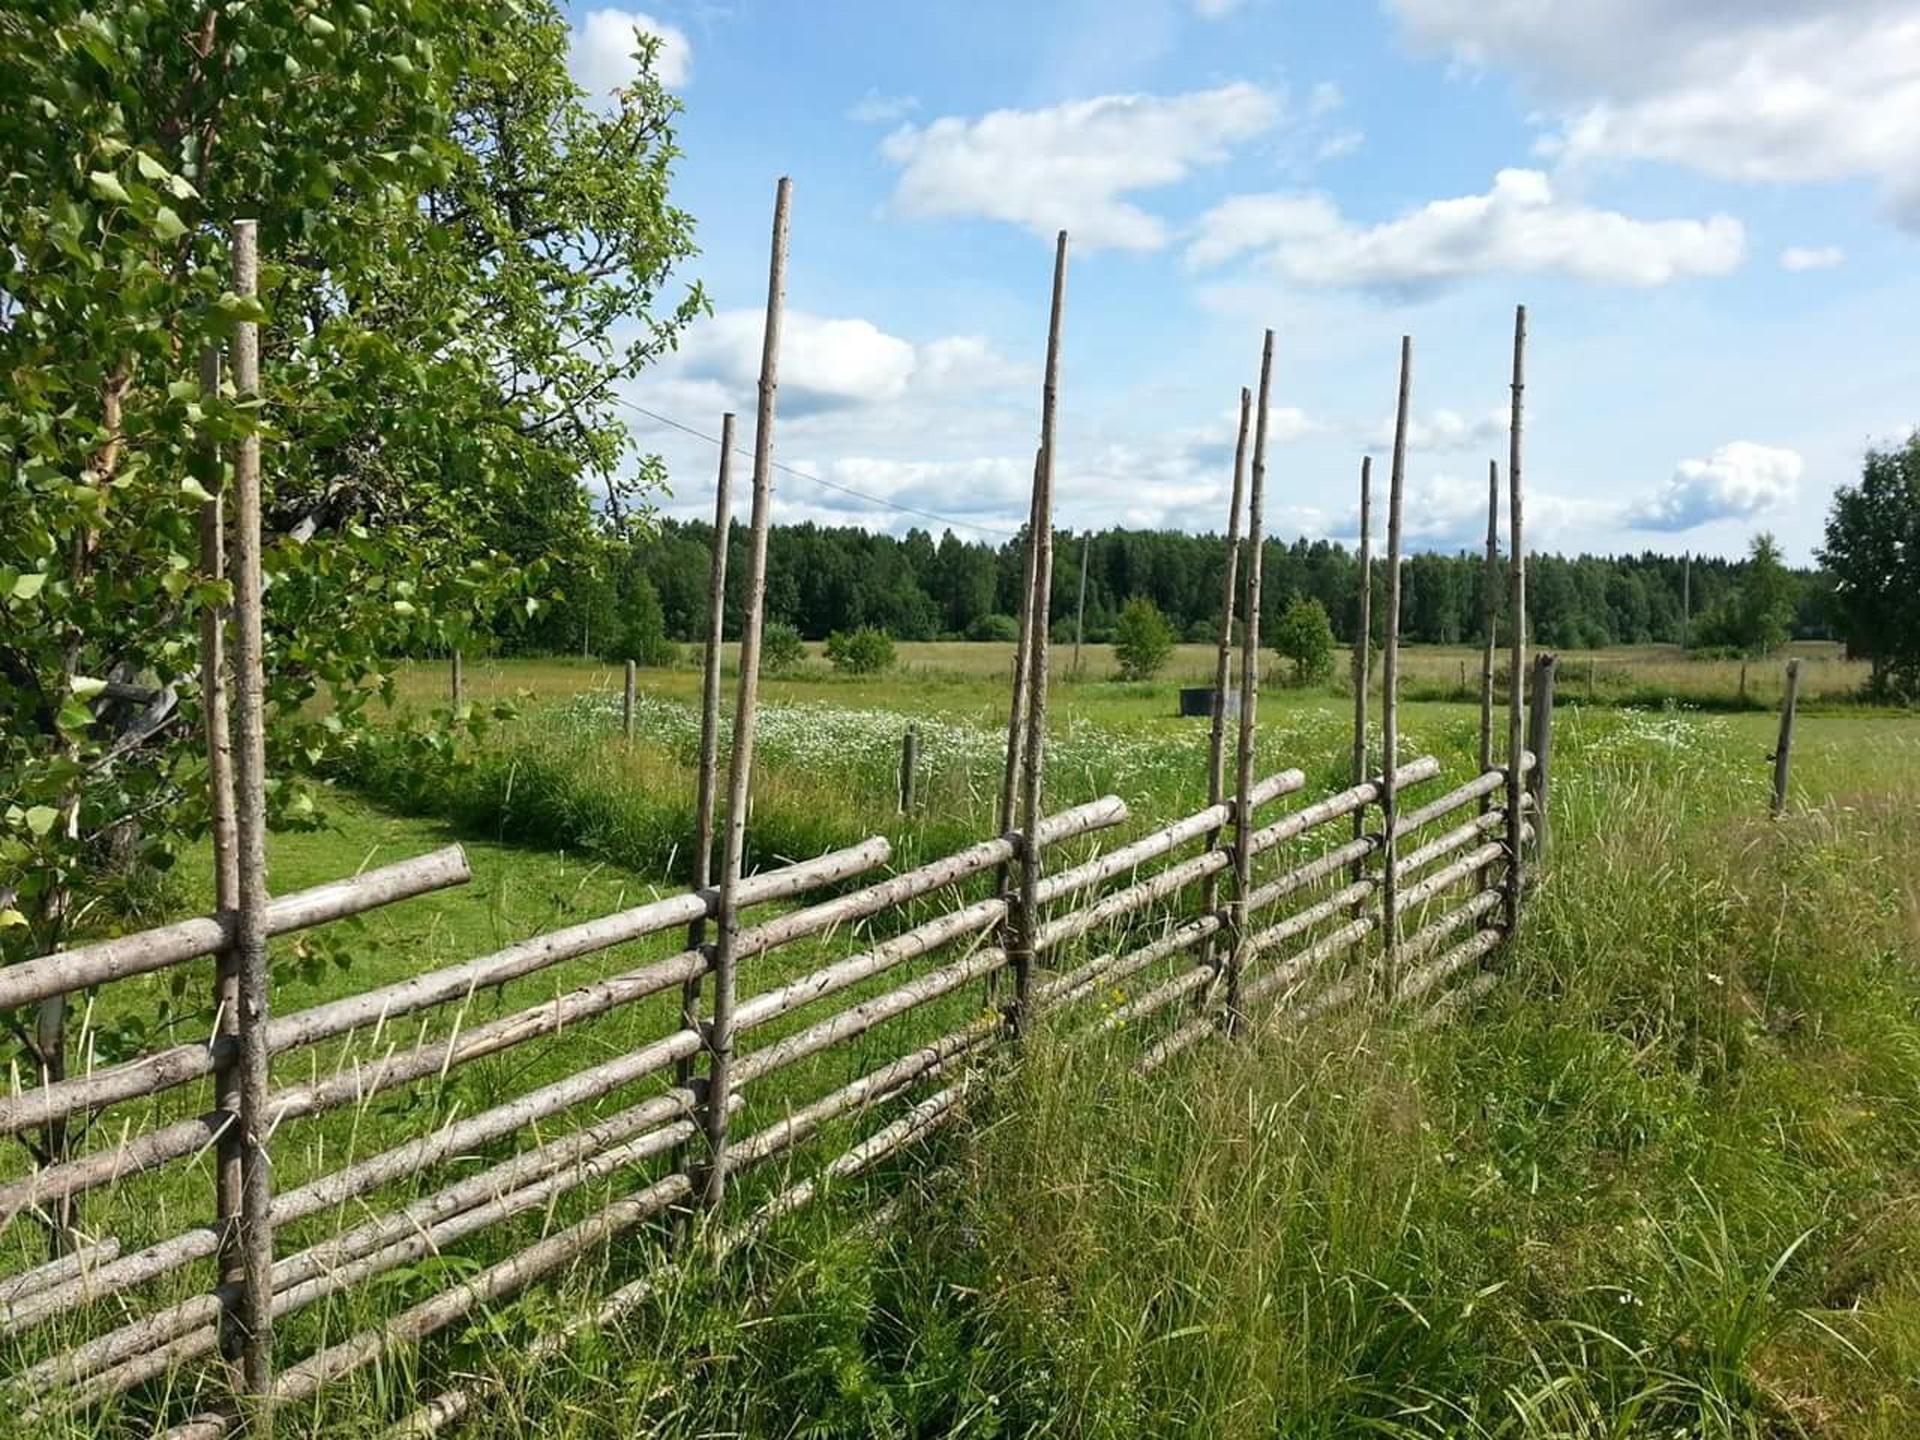 Kostenlose foto : Gras, Feld, Bauernhof, Rasen, Weide, Boden ...